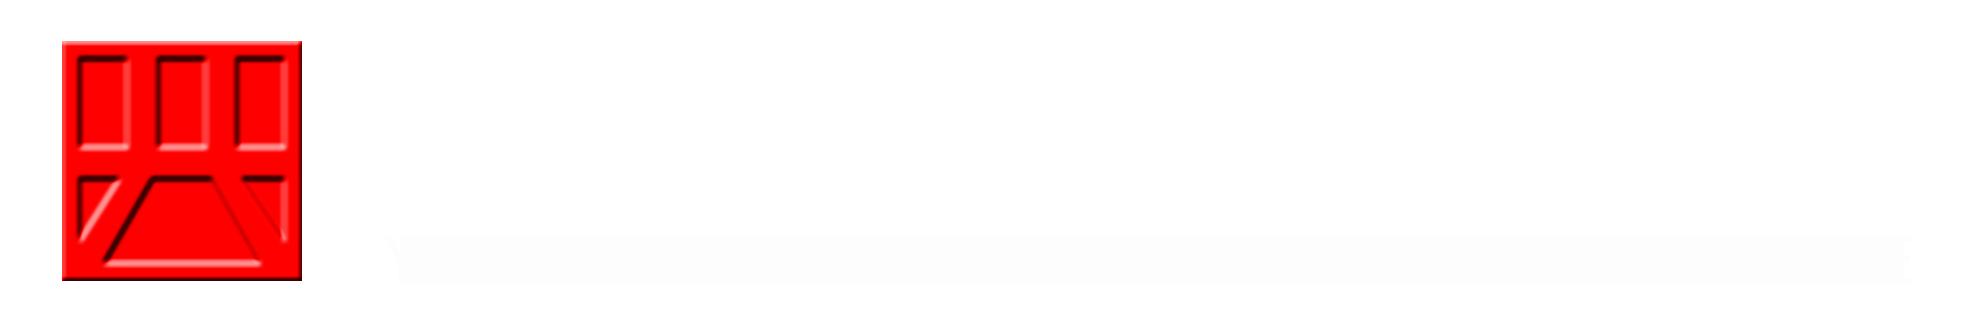 大发彩票注册logo1